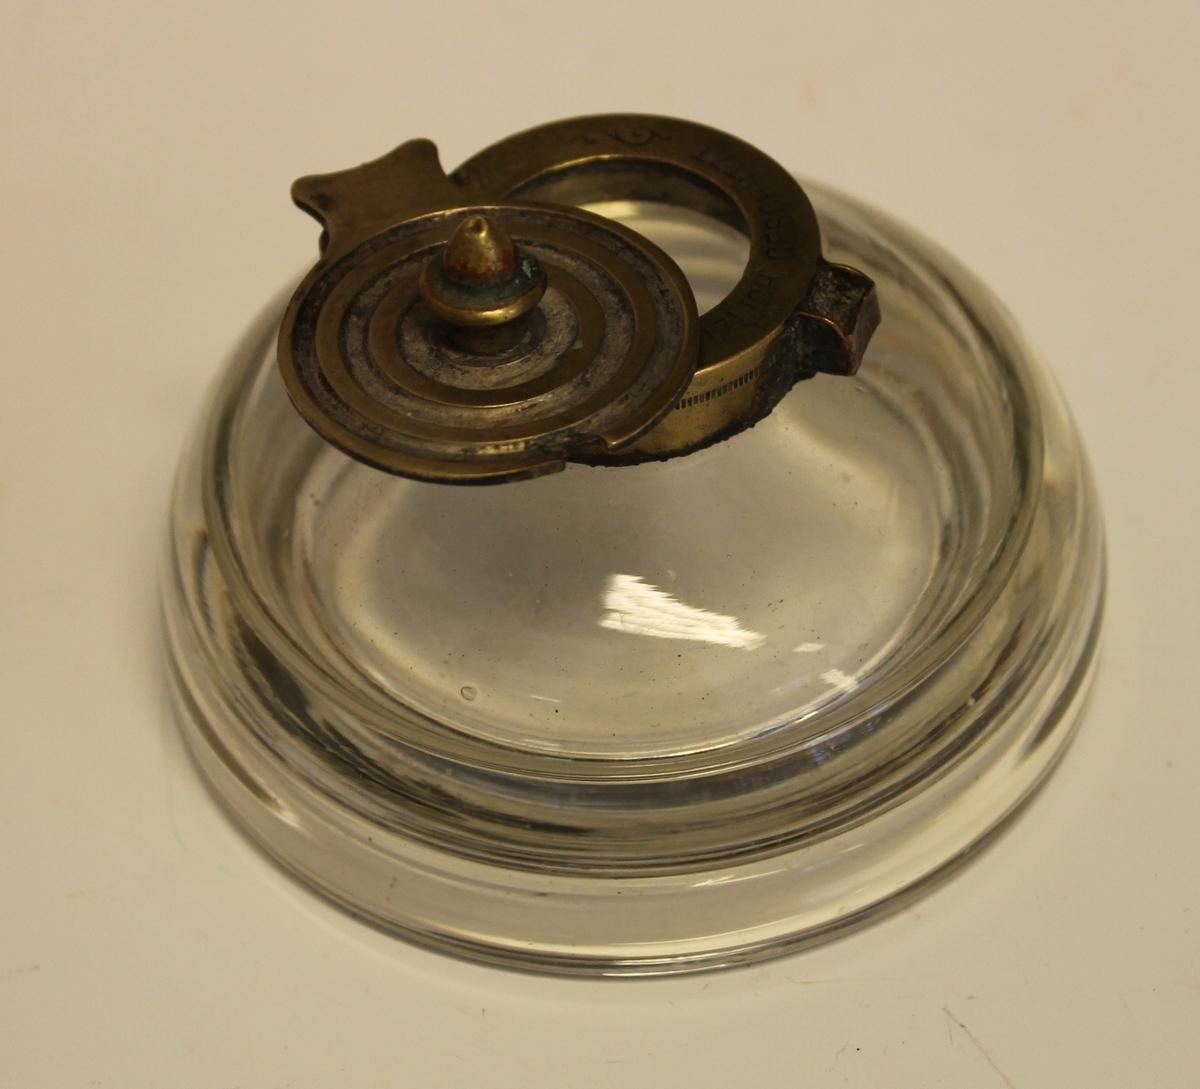 Halvkuleformet glassbeholder med lokk. Bunn er formet så den passer til et stativ.